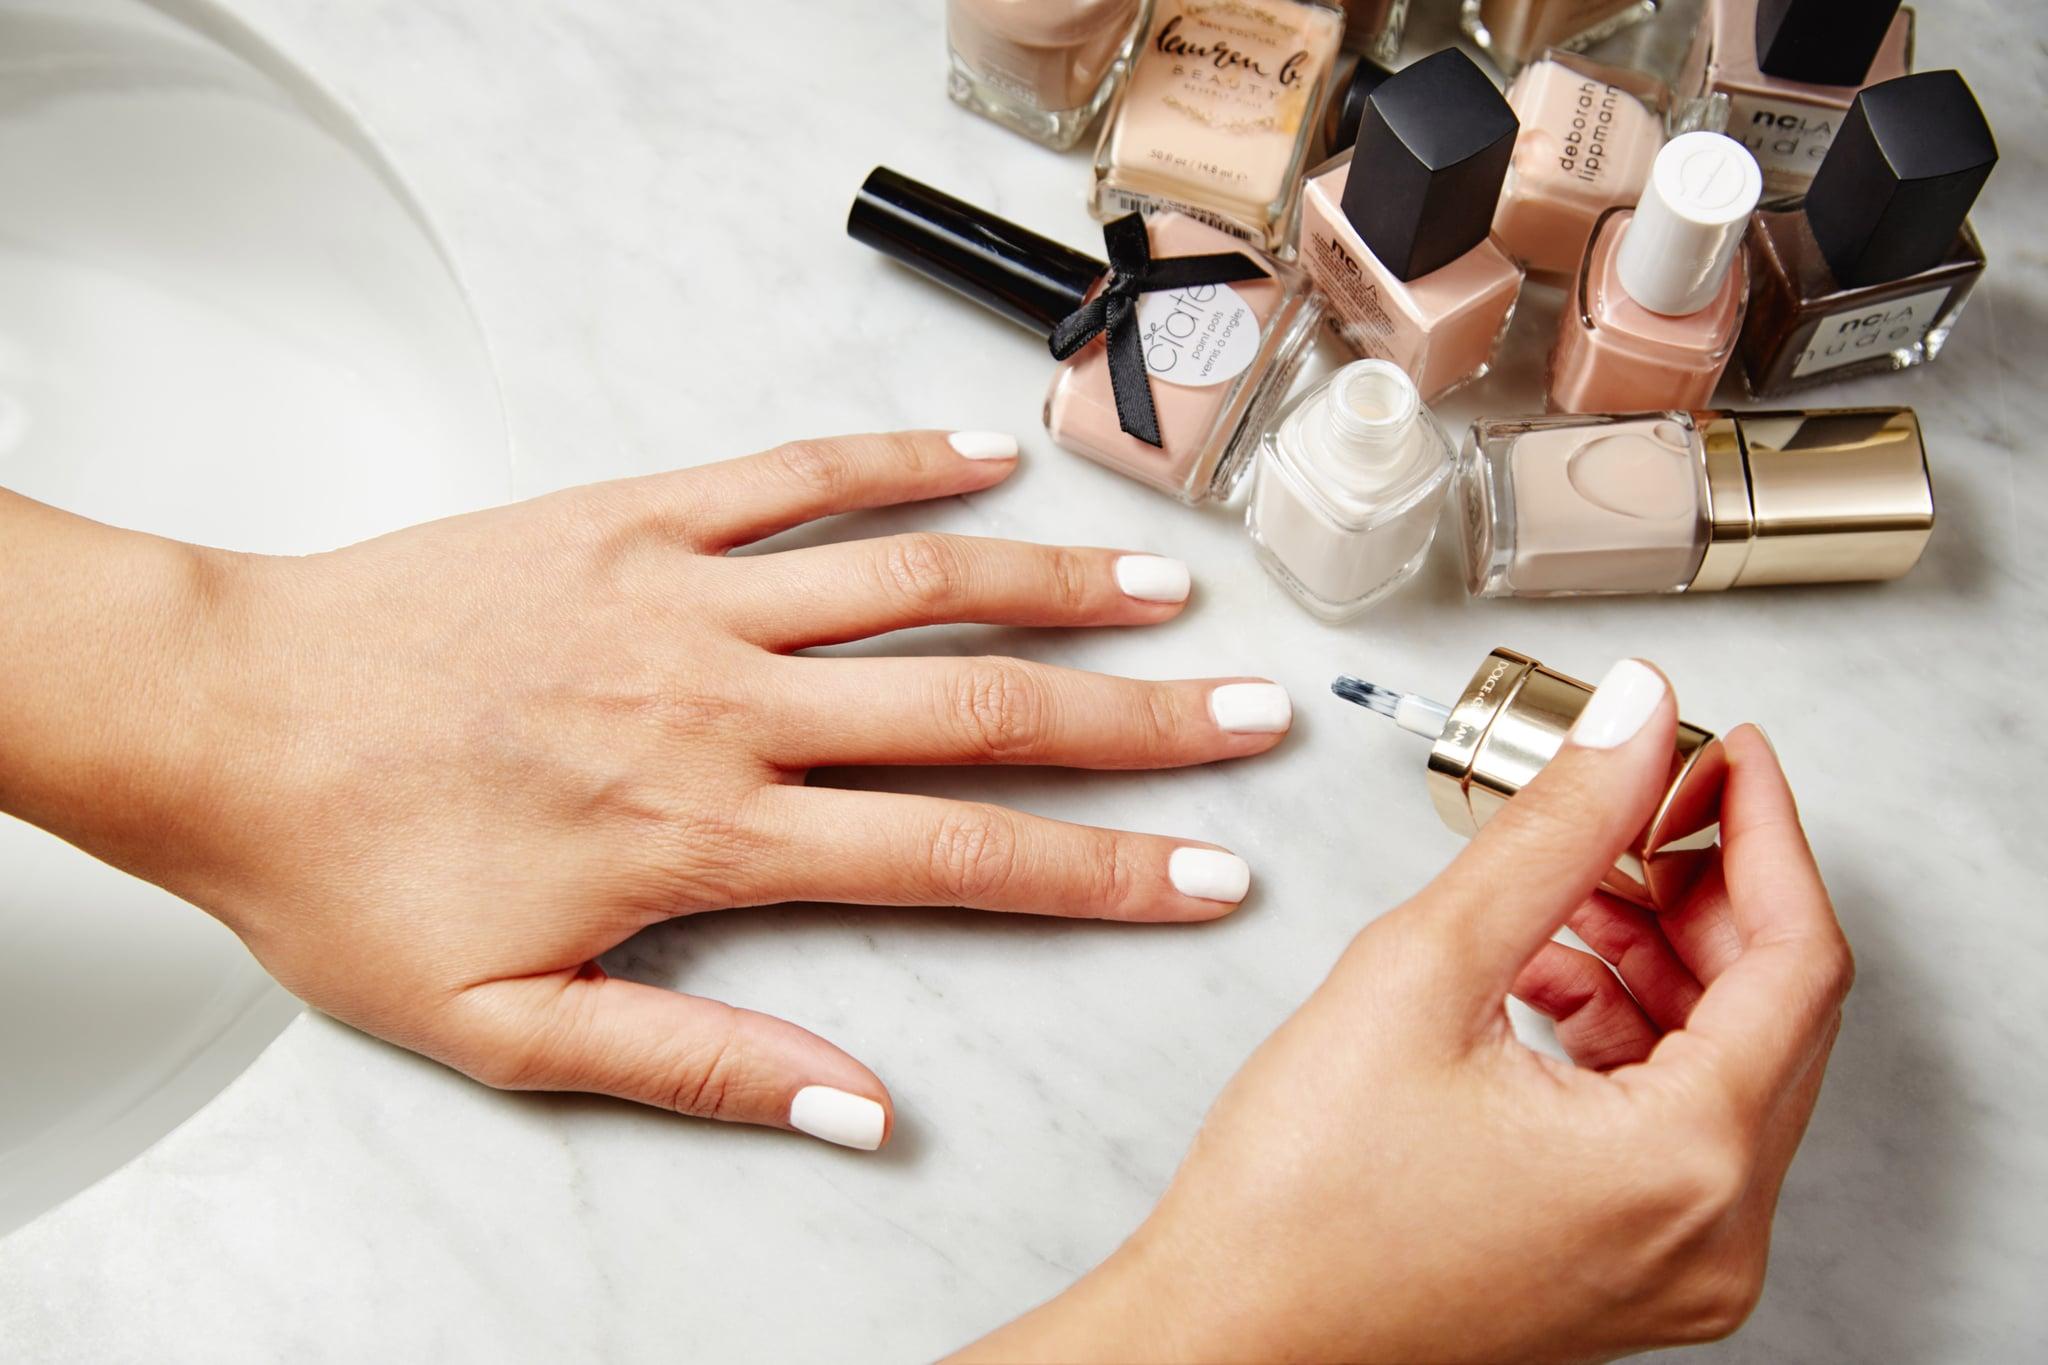 How to Treat Nail Damage | POPSUGAR Beauty Australia